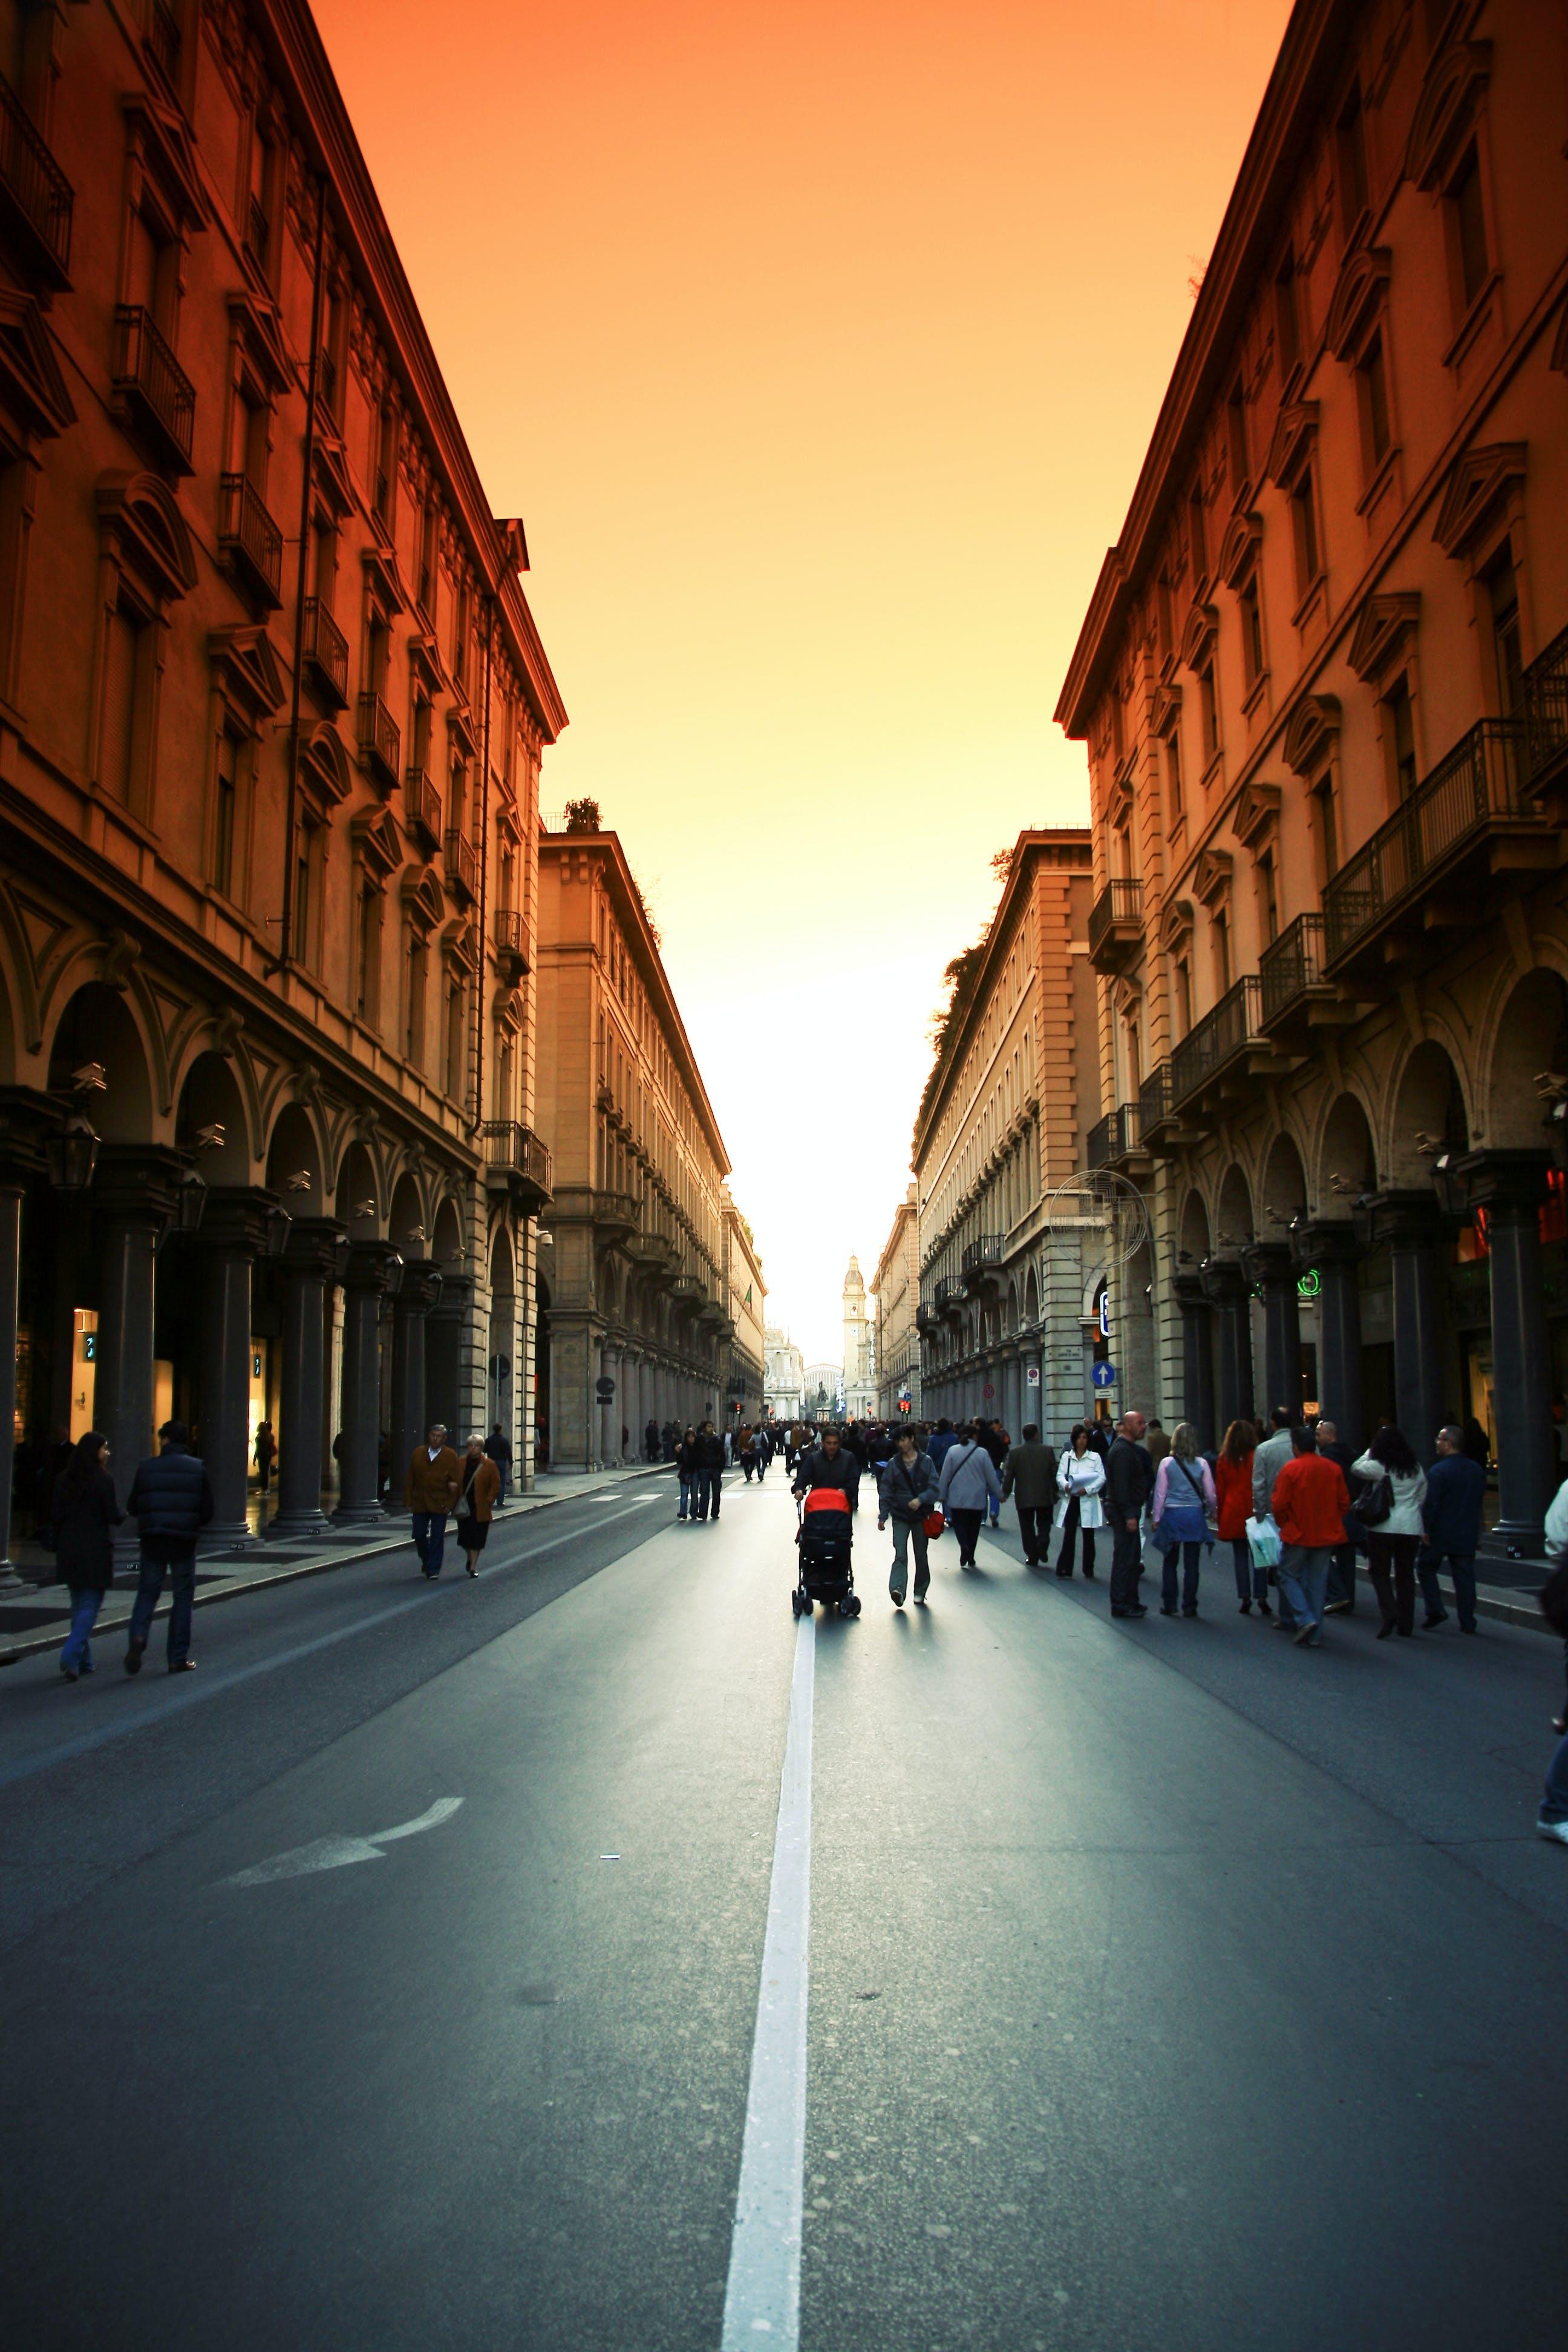 fußgängerzone, gehen, italien